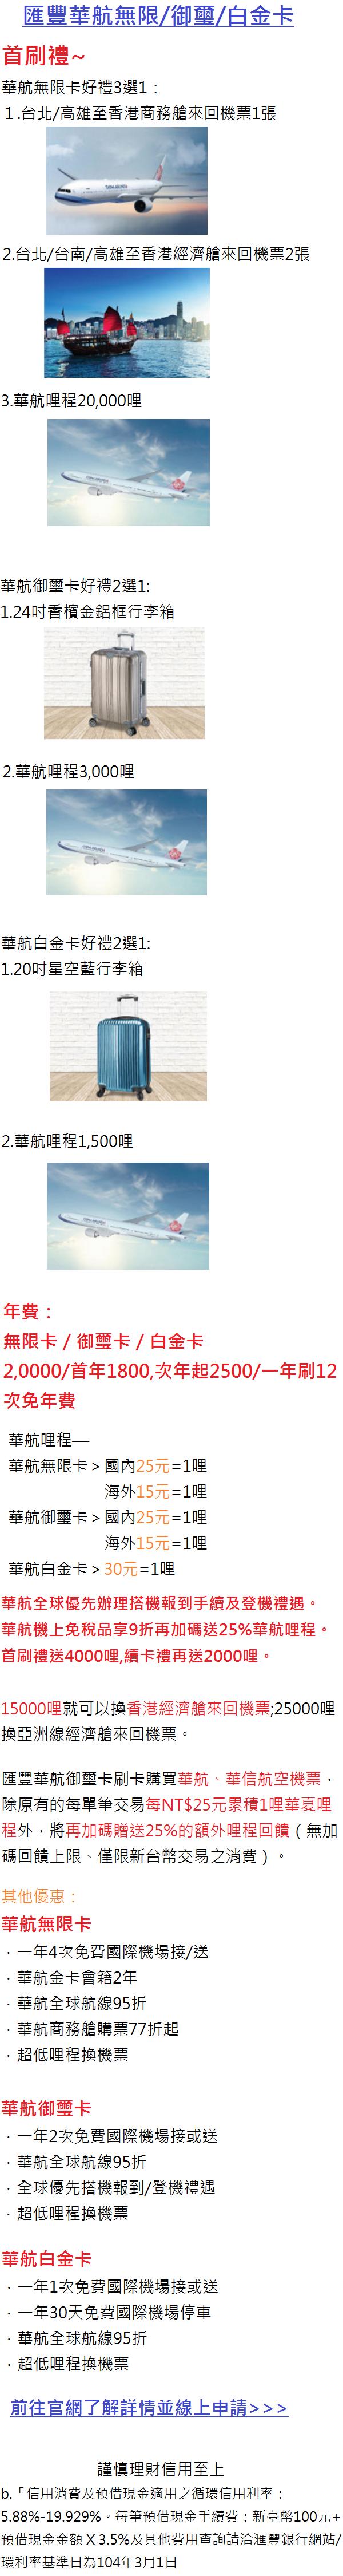 匯豐華航聯名卡20170930.png